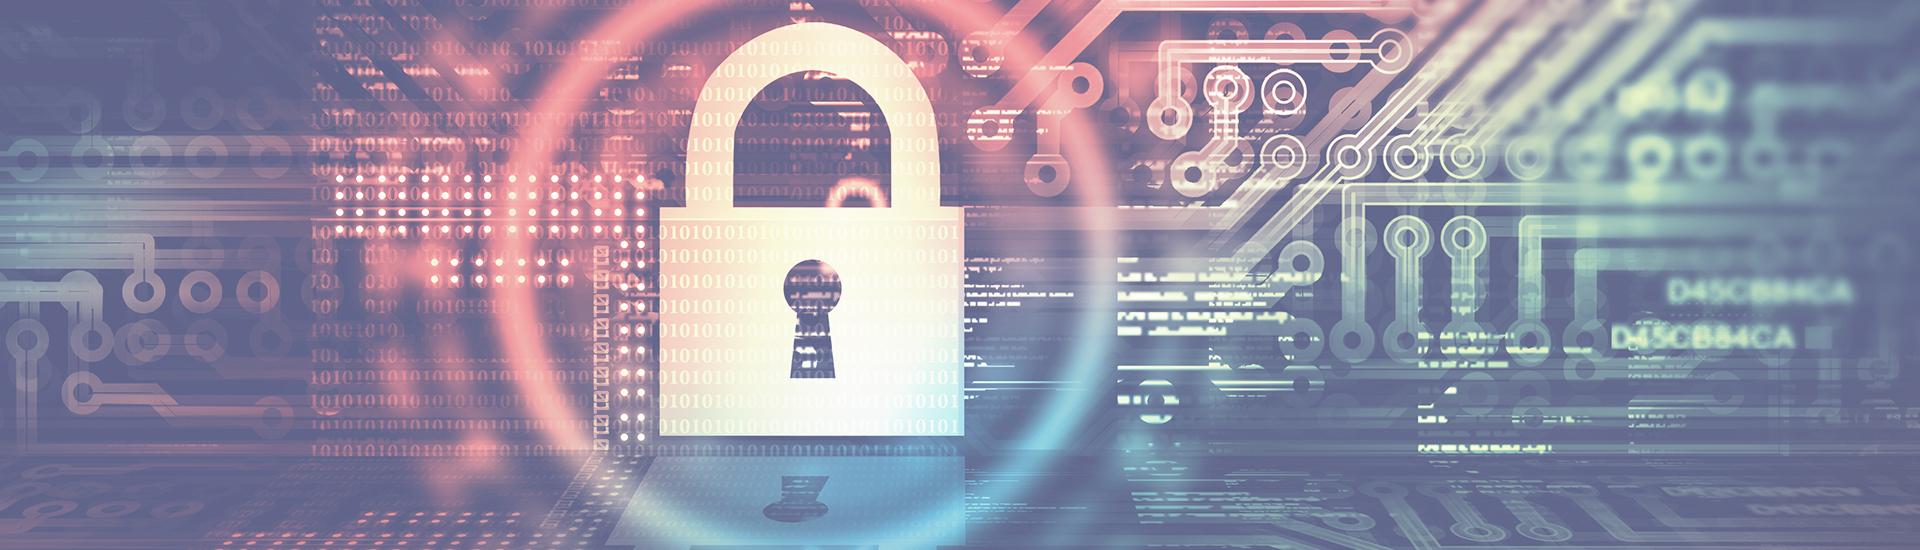 Sicherheitsschloss als Symbol für IT-Sicherheit